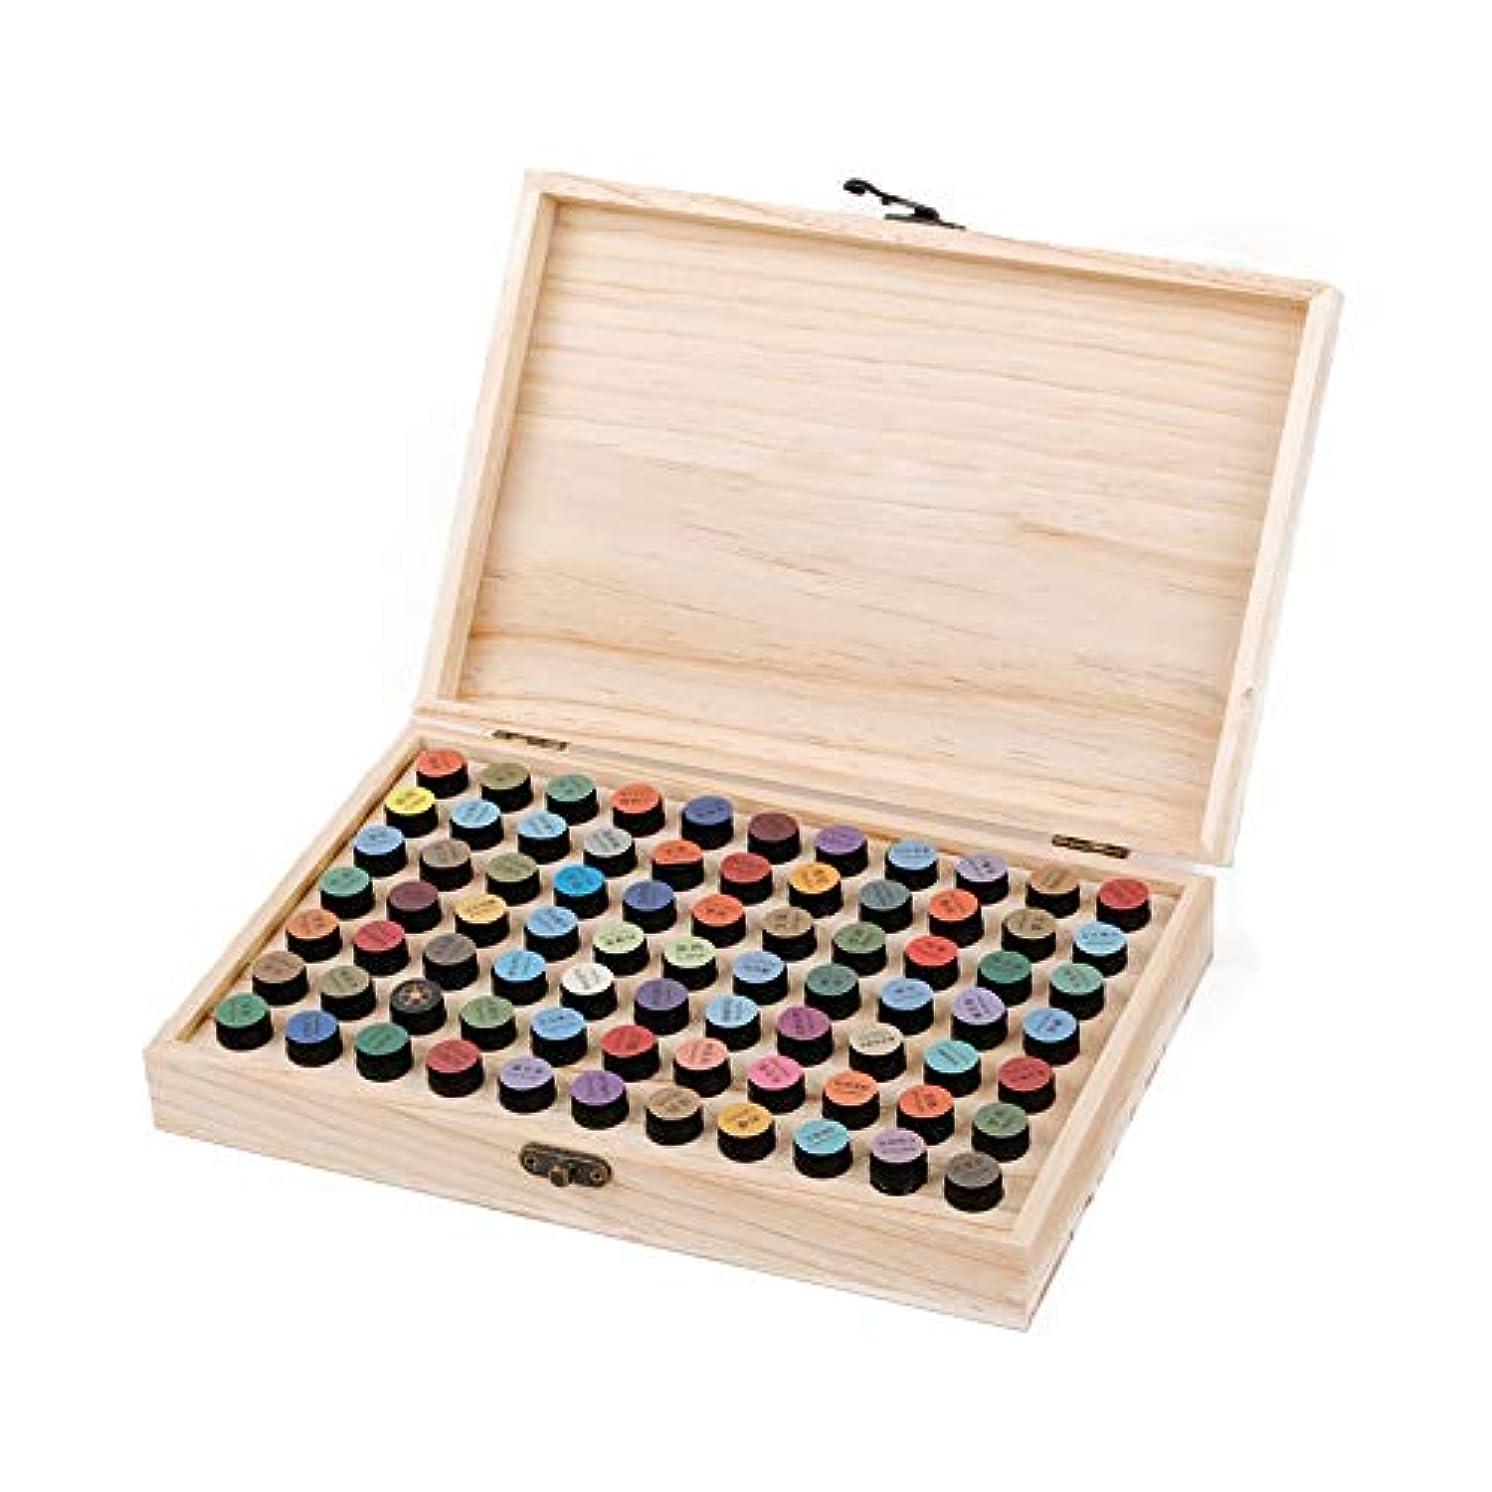 クリエイティブなくなる印象的な2ミリリットルエッセンシャルオイルのために77ボトル木製エッセンシャルオイルストレージボックス77スロット アロマセラピー製品 (色 : Natural, サイズ : 29X19X4CM)